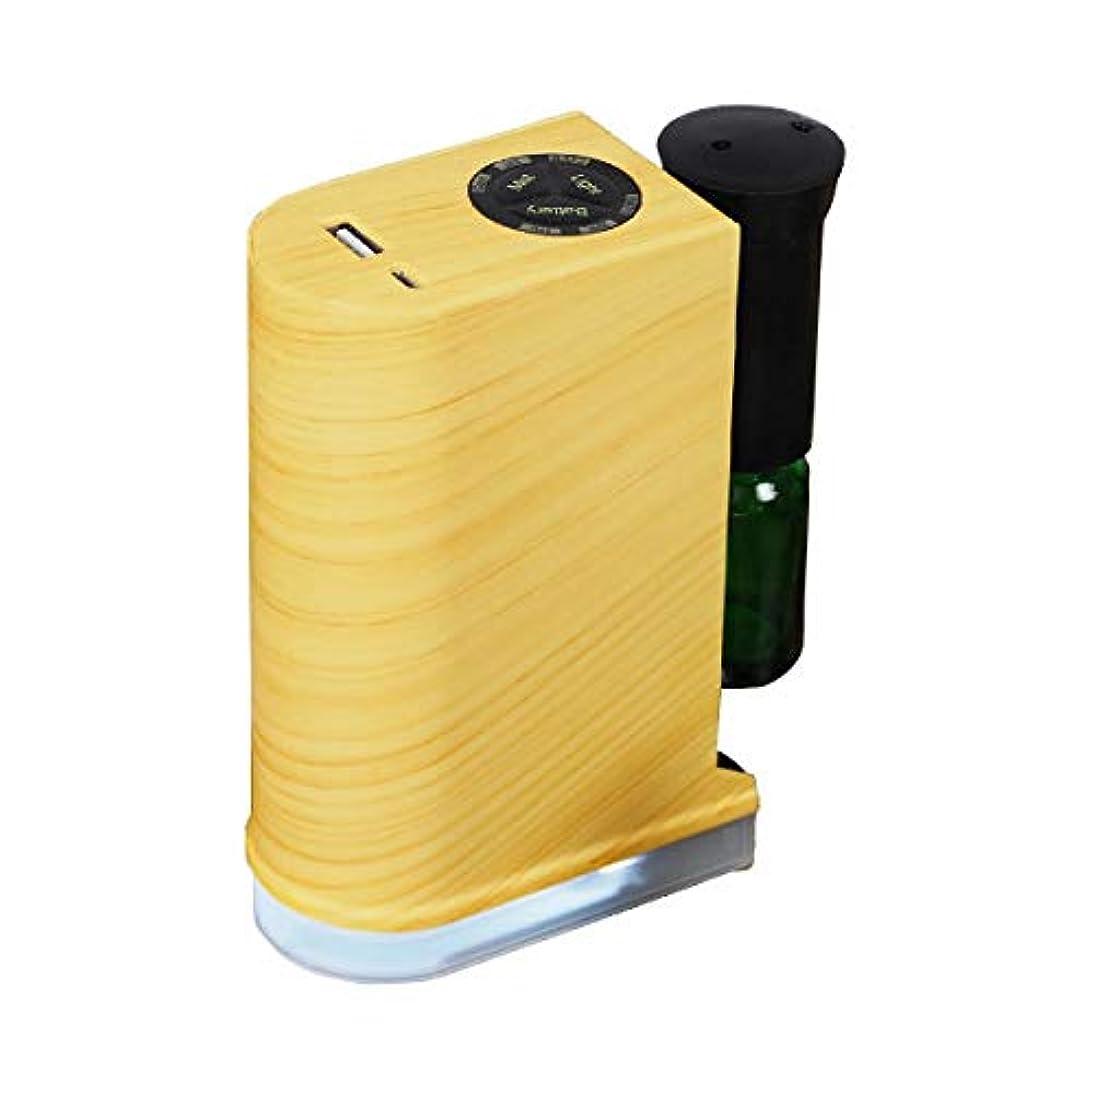 安全恐怖撃退するアロマデュフューザー 水を使わない ネブライザー式アロマディフューザー LED搭載 アロマオイル 精油 アロマ芳香 (ナチュラル)